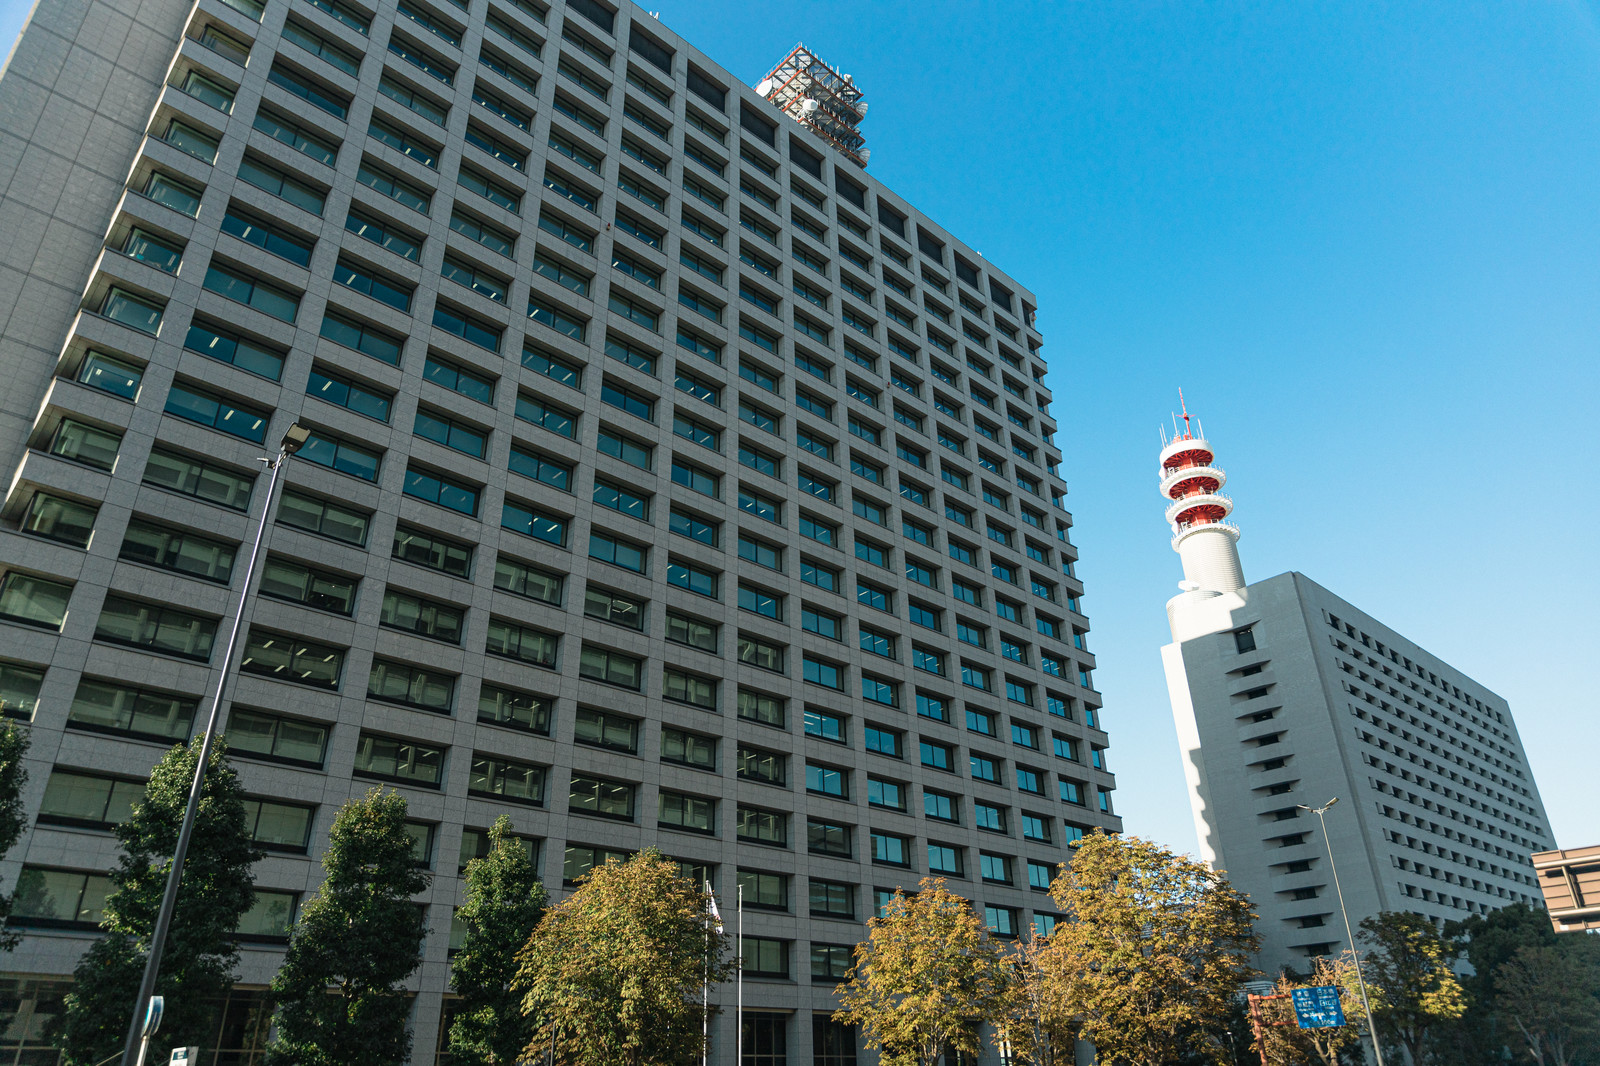 「総務省と警視庁の建物」の写真